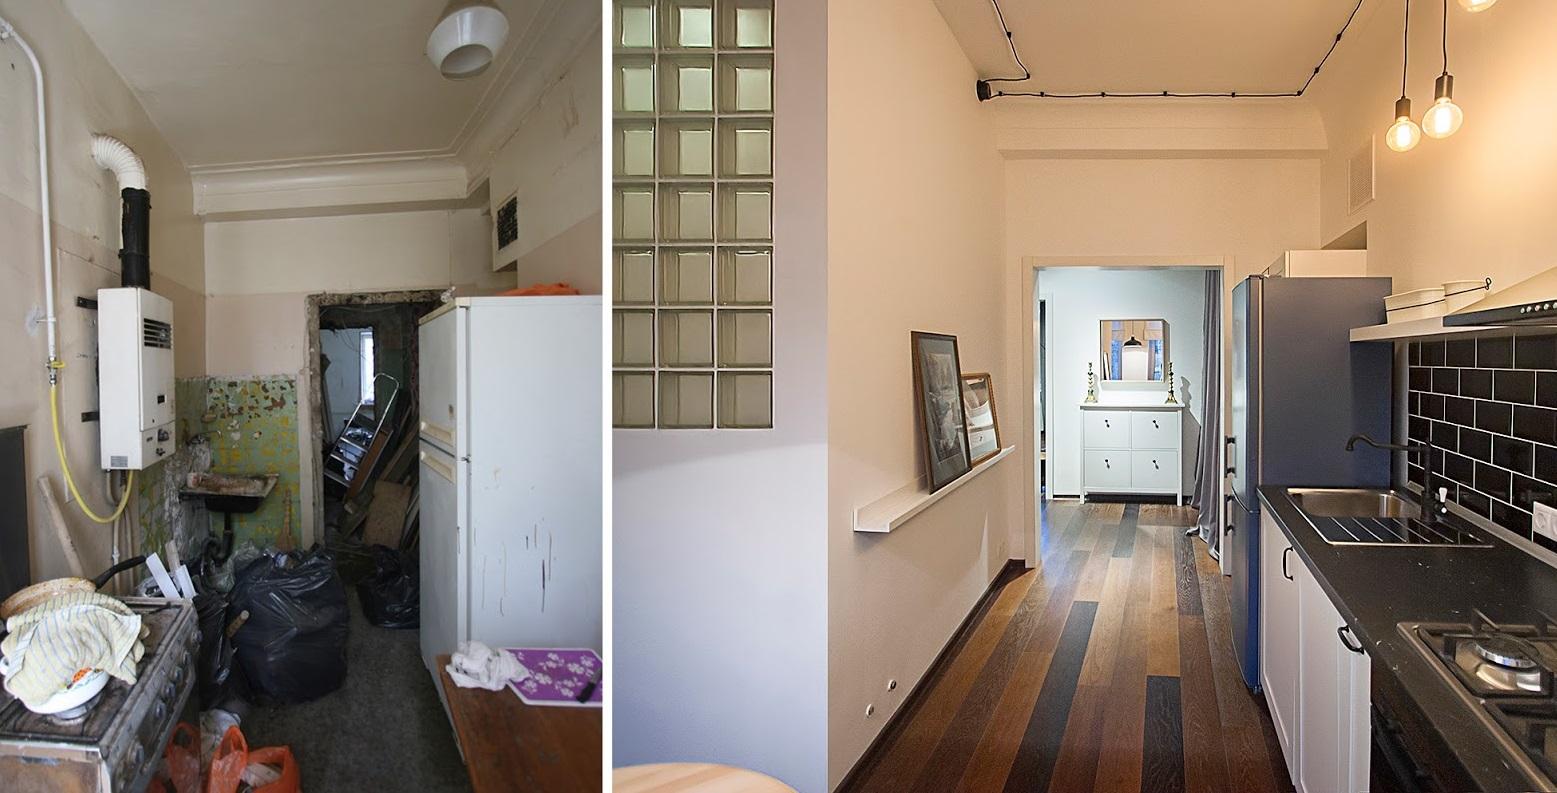 бюджетный ремонт квартиры фото до и после